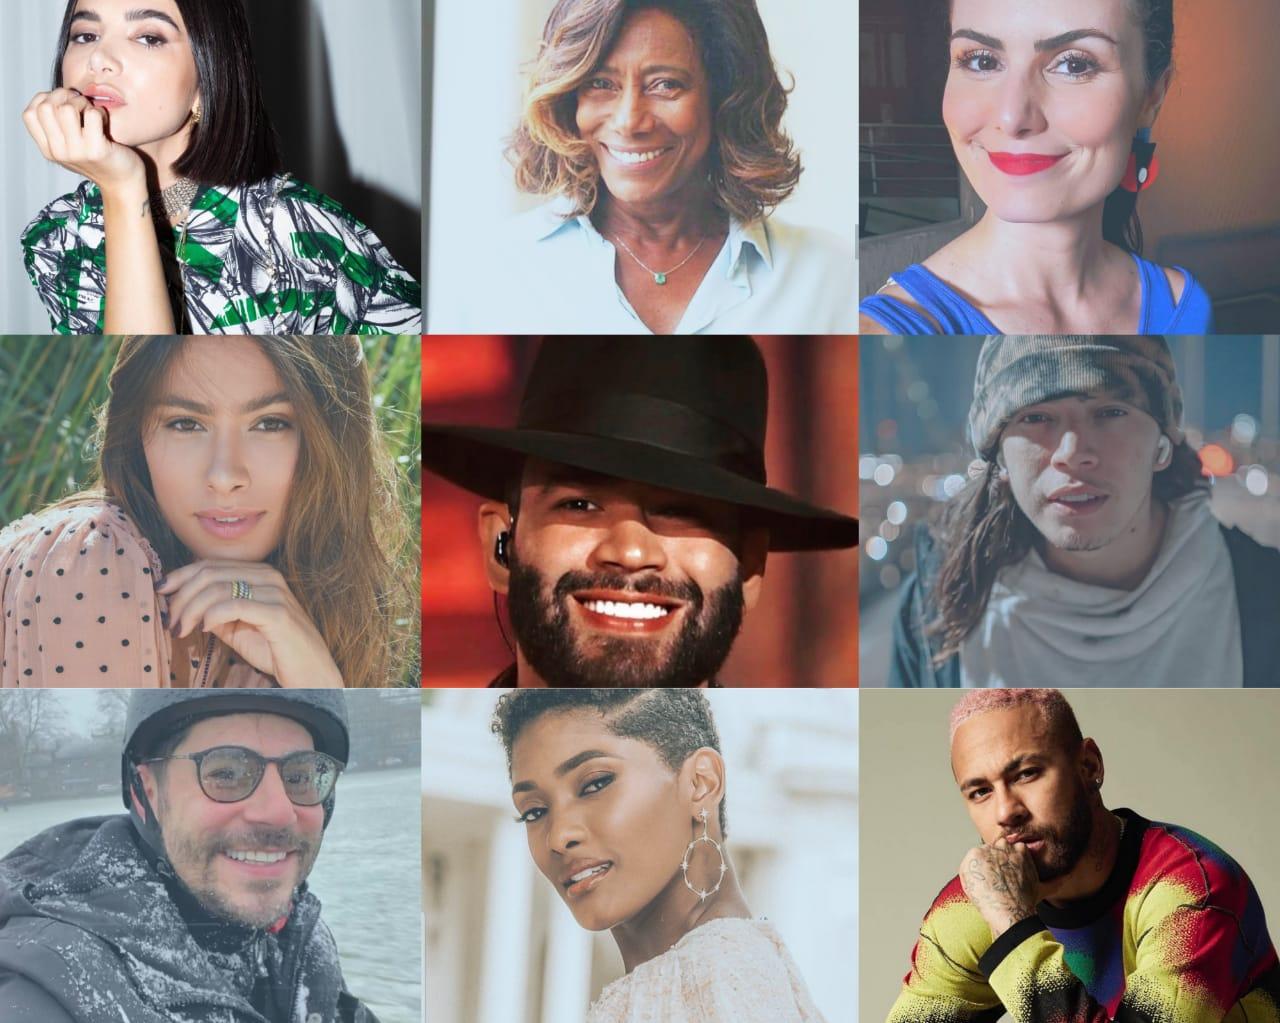 montagem com fotos do instagram influenciadores brasileiros